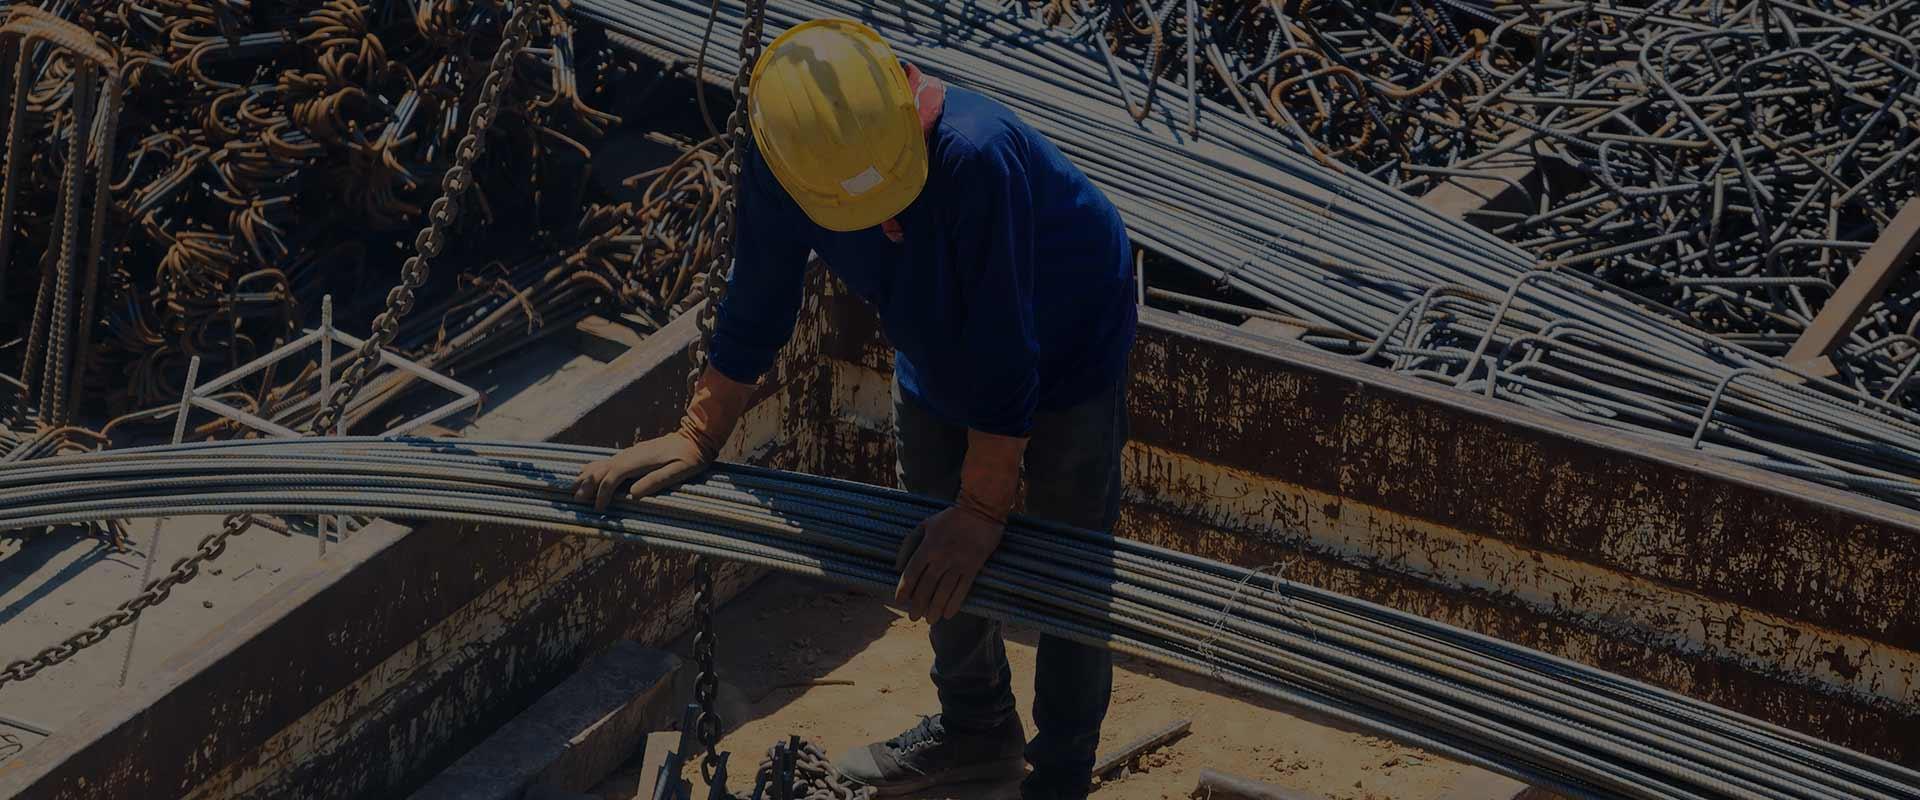 Sicurezza formazione ed igiene nei luoghi di lavoro for Berti arredamenti srl massa ms